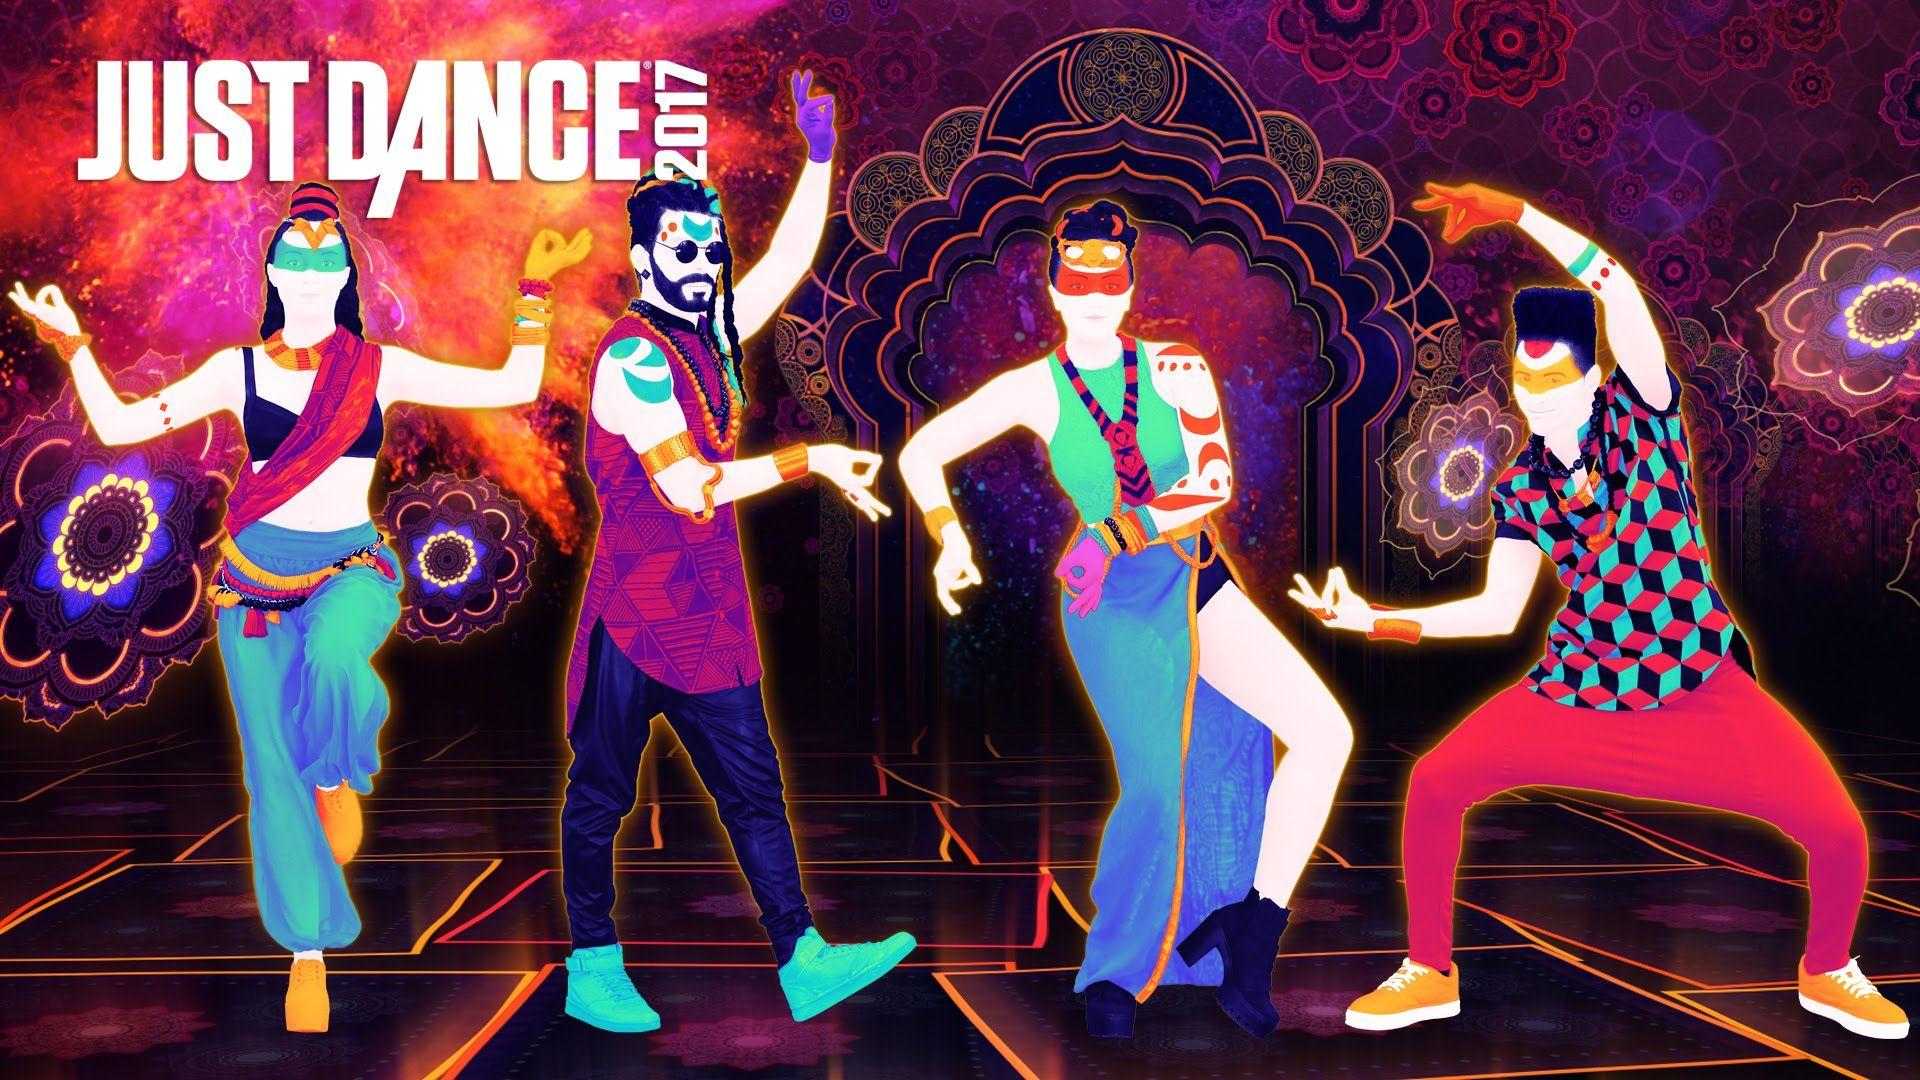 Major Lazer Dj Snake Ft Mo Lean On Just Dance 2017 Official Gam Just Dance Just Dance 2017 Dance